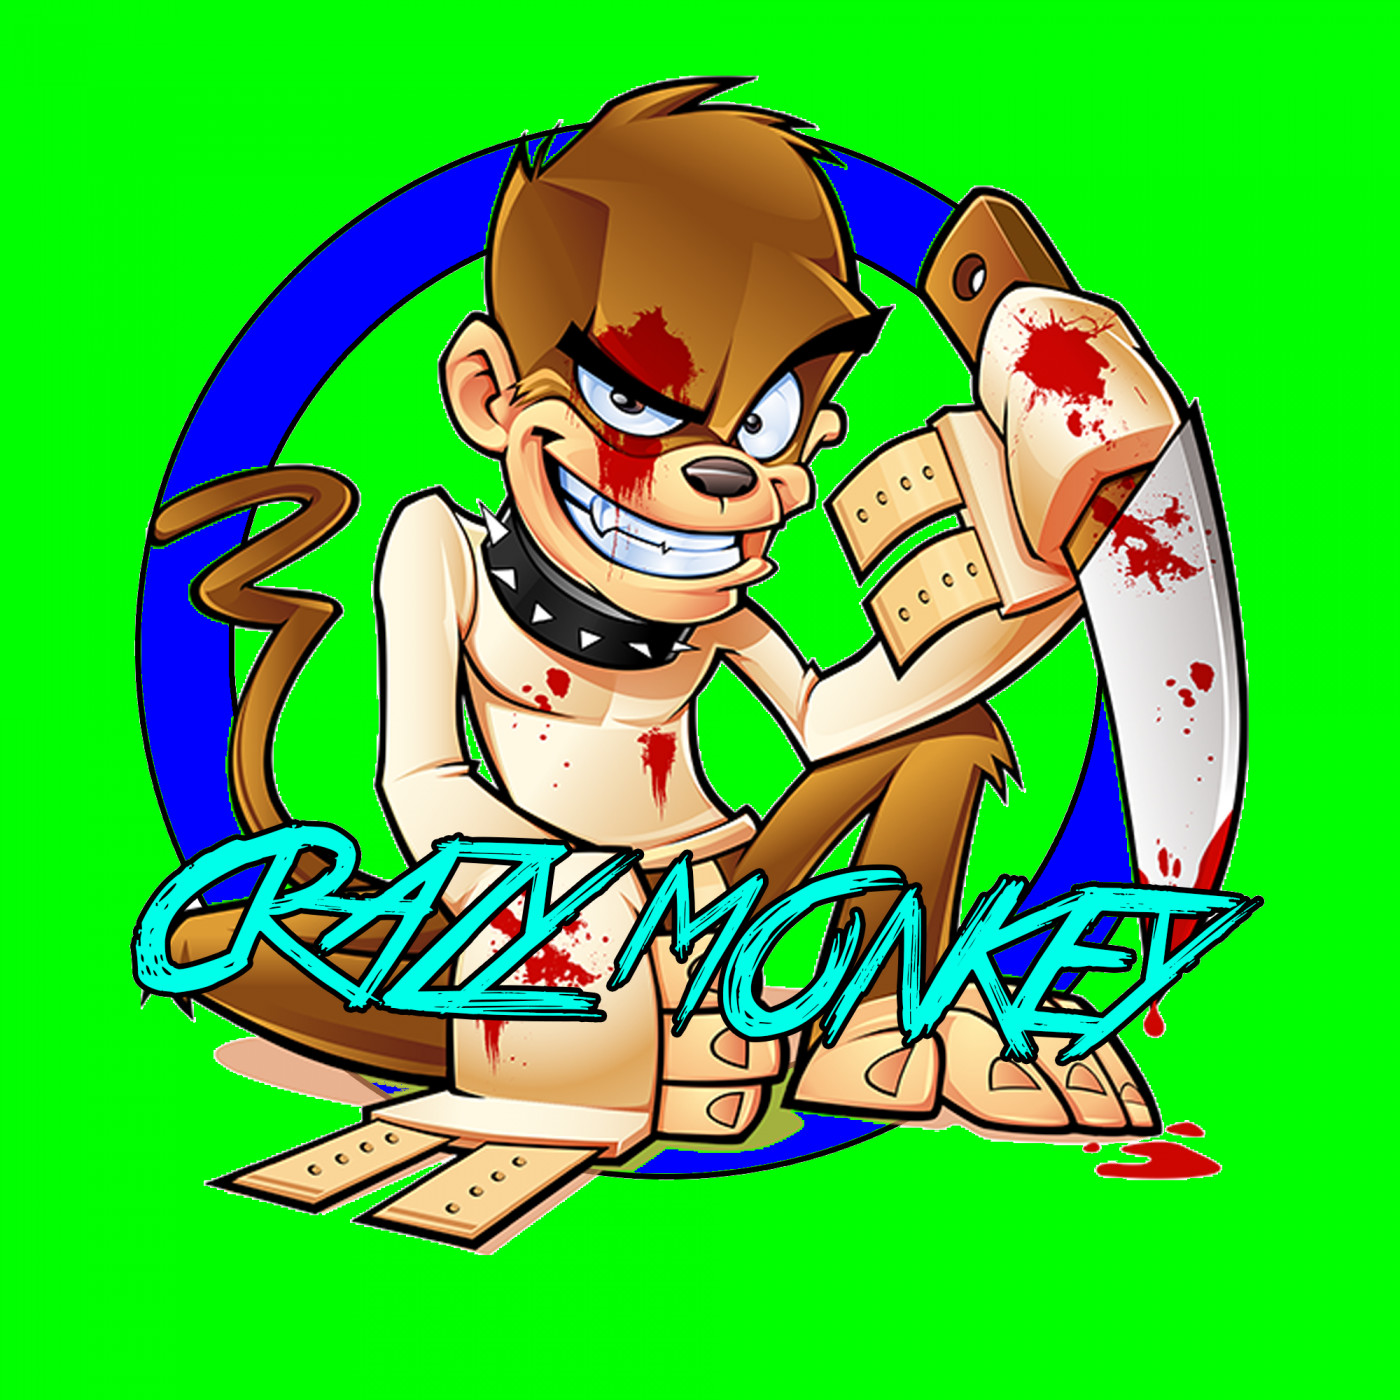 DJ. CrazyMonkey